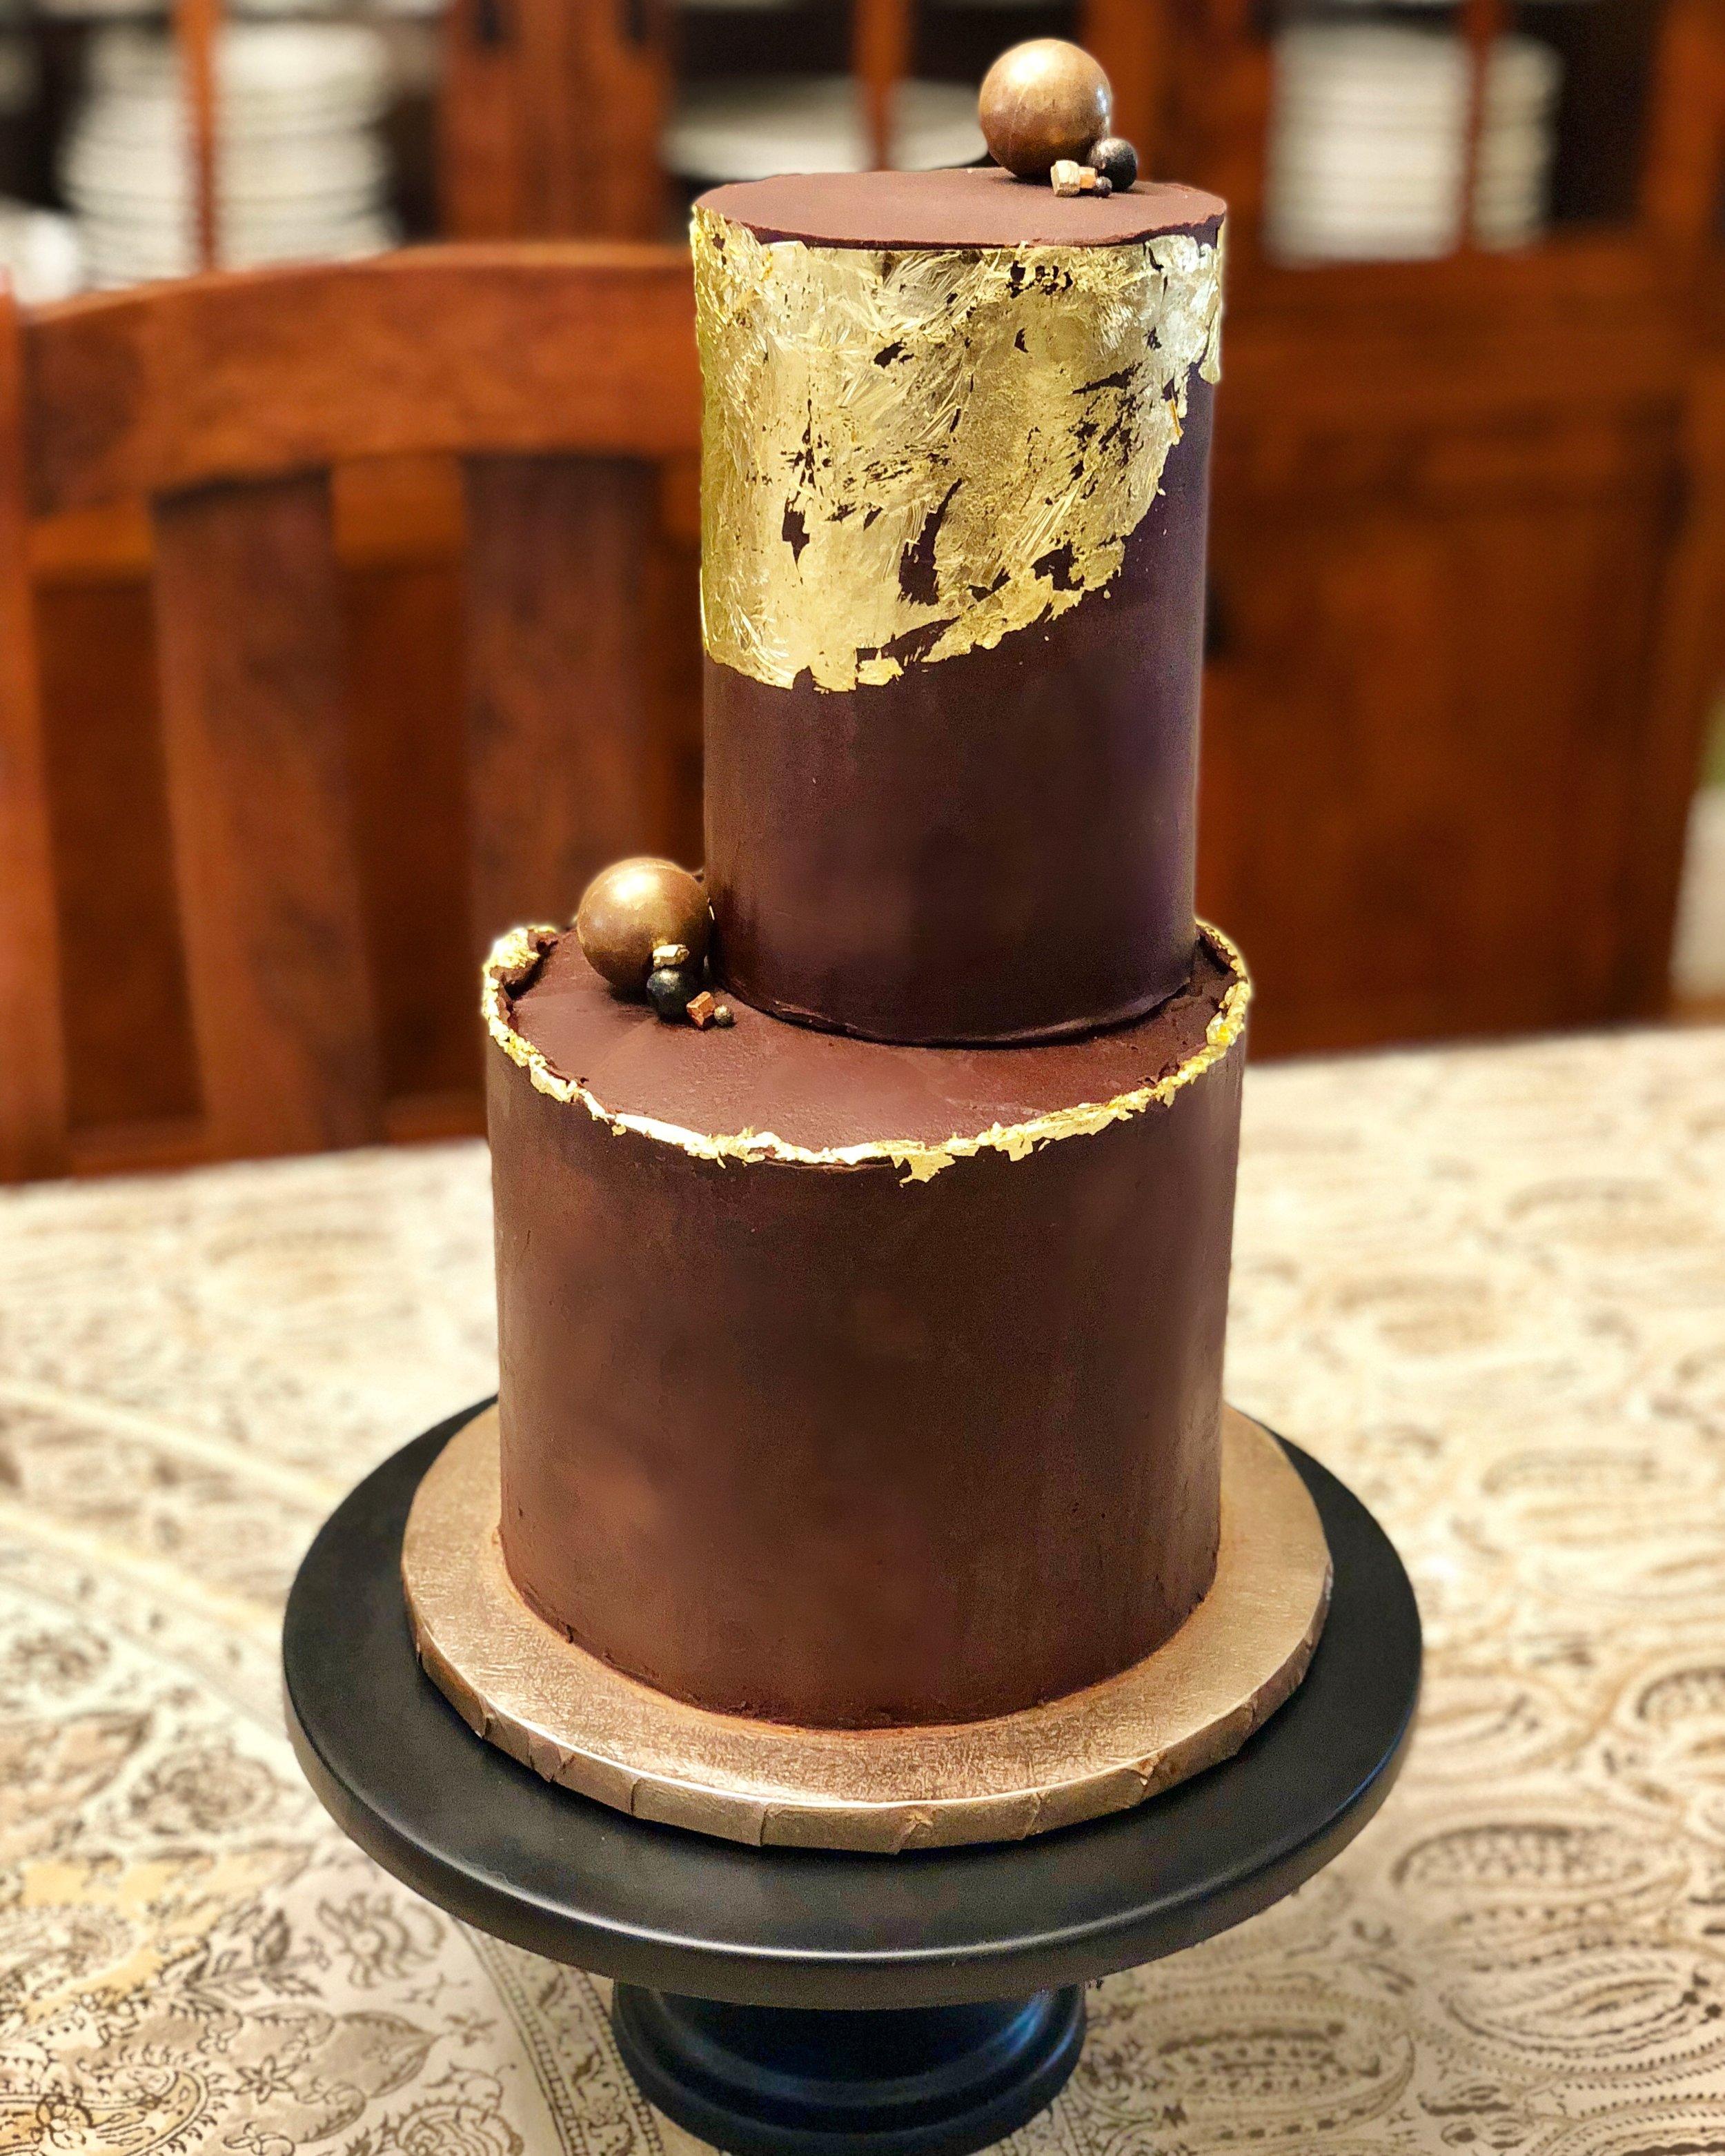 Steve's birthday cake 2018.JPG